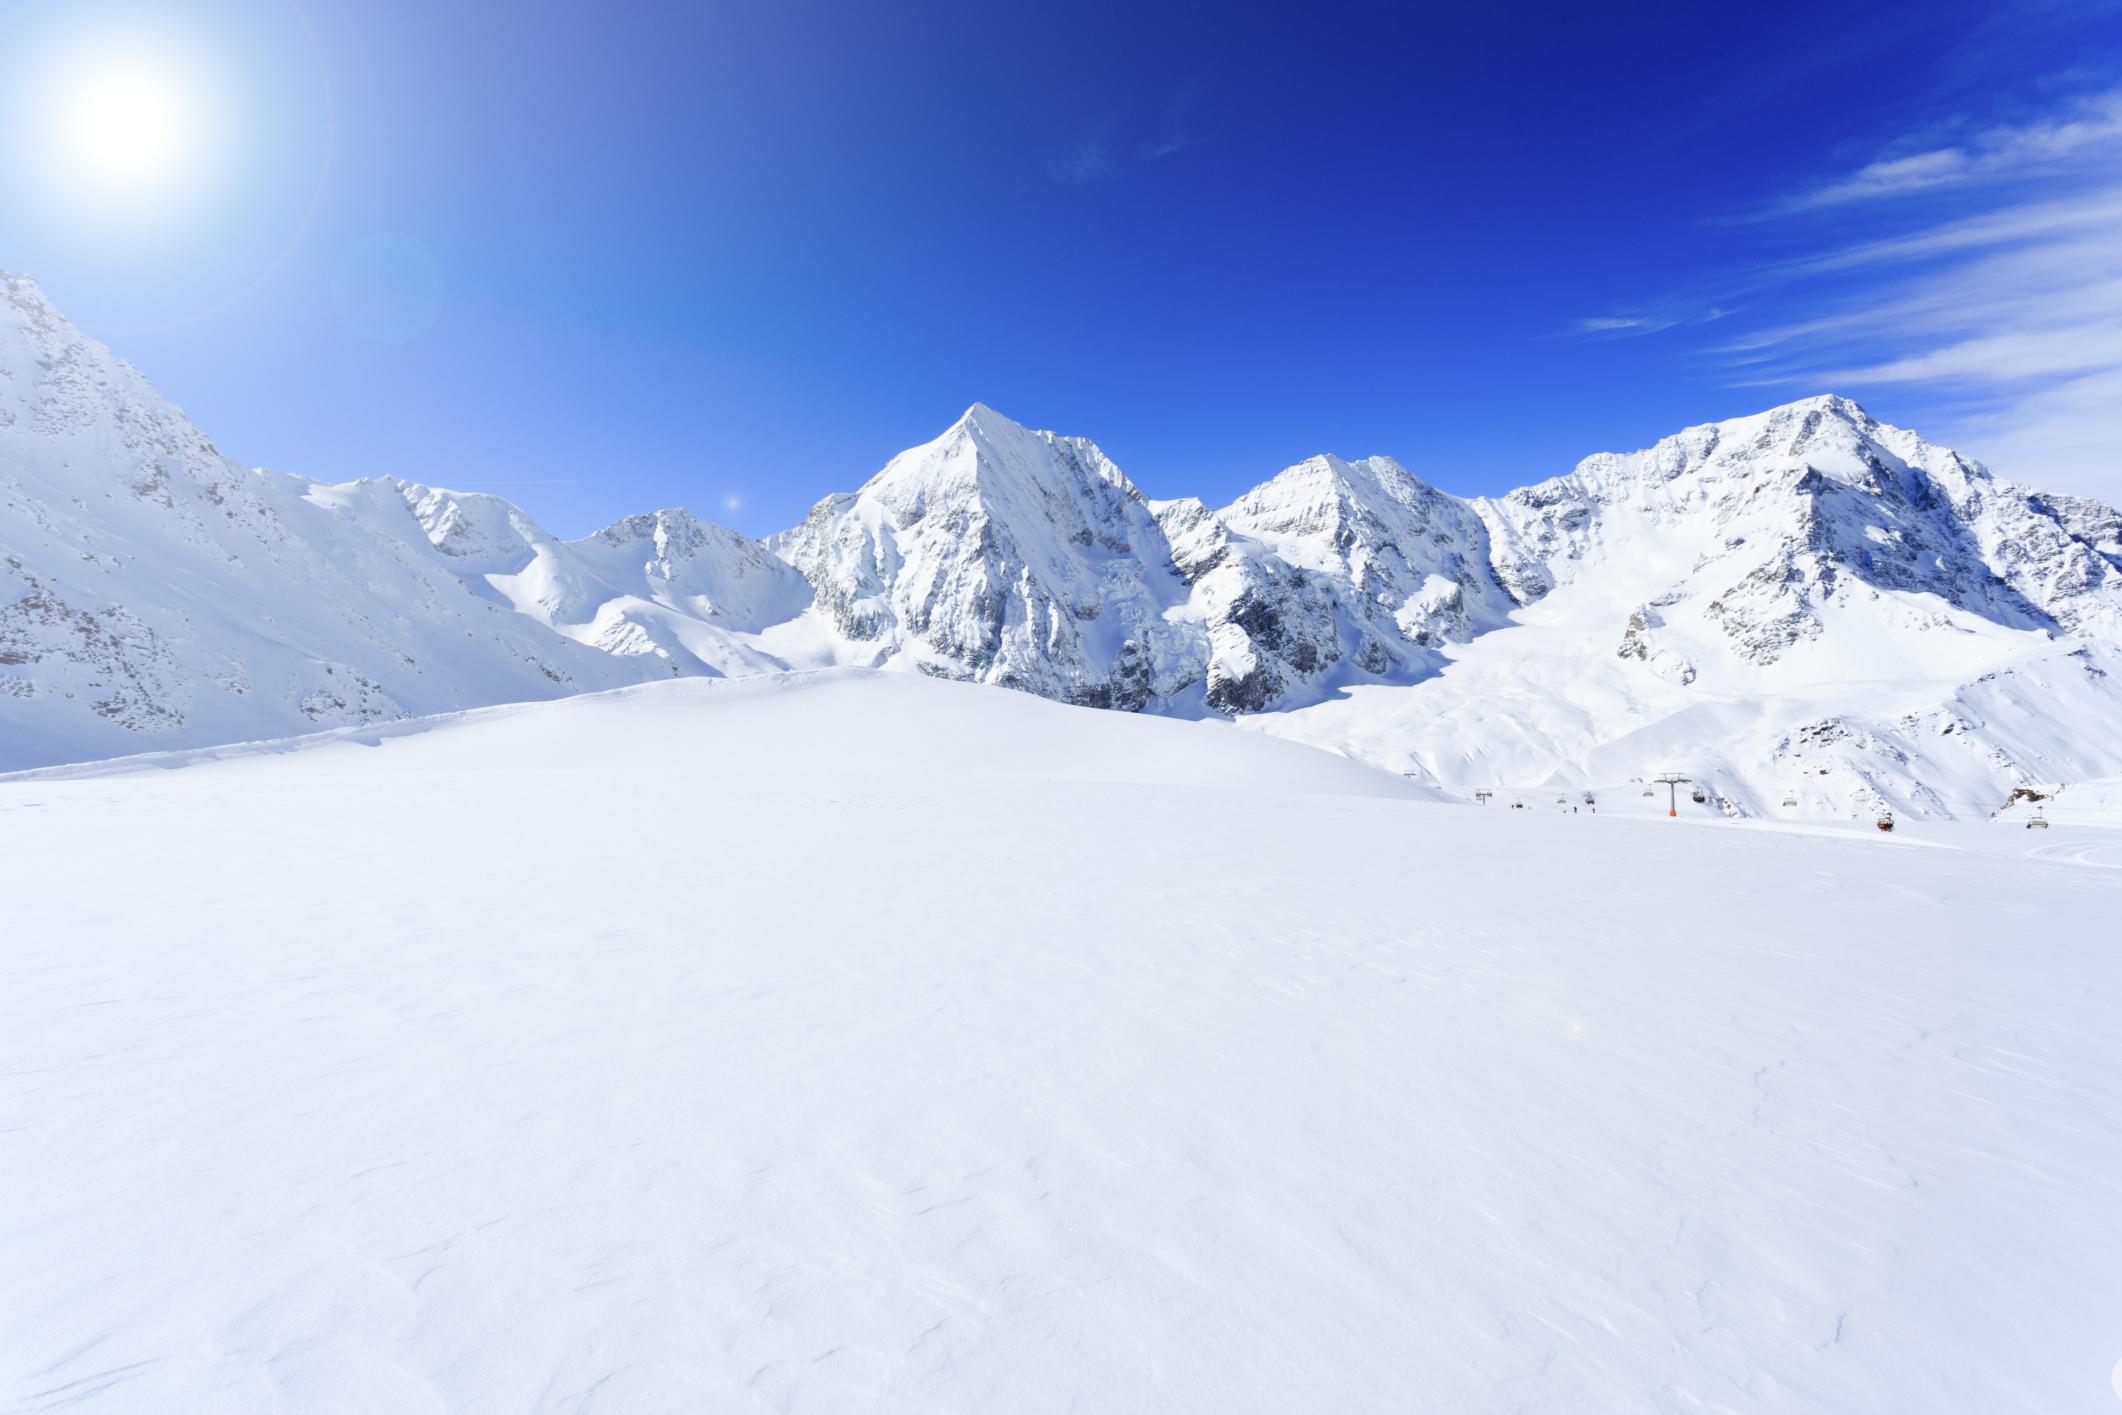 Resorts les 2 alpes transaltitude for Piscine les deux alpes